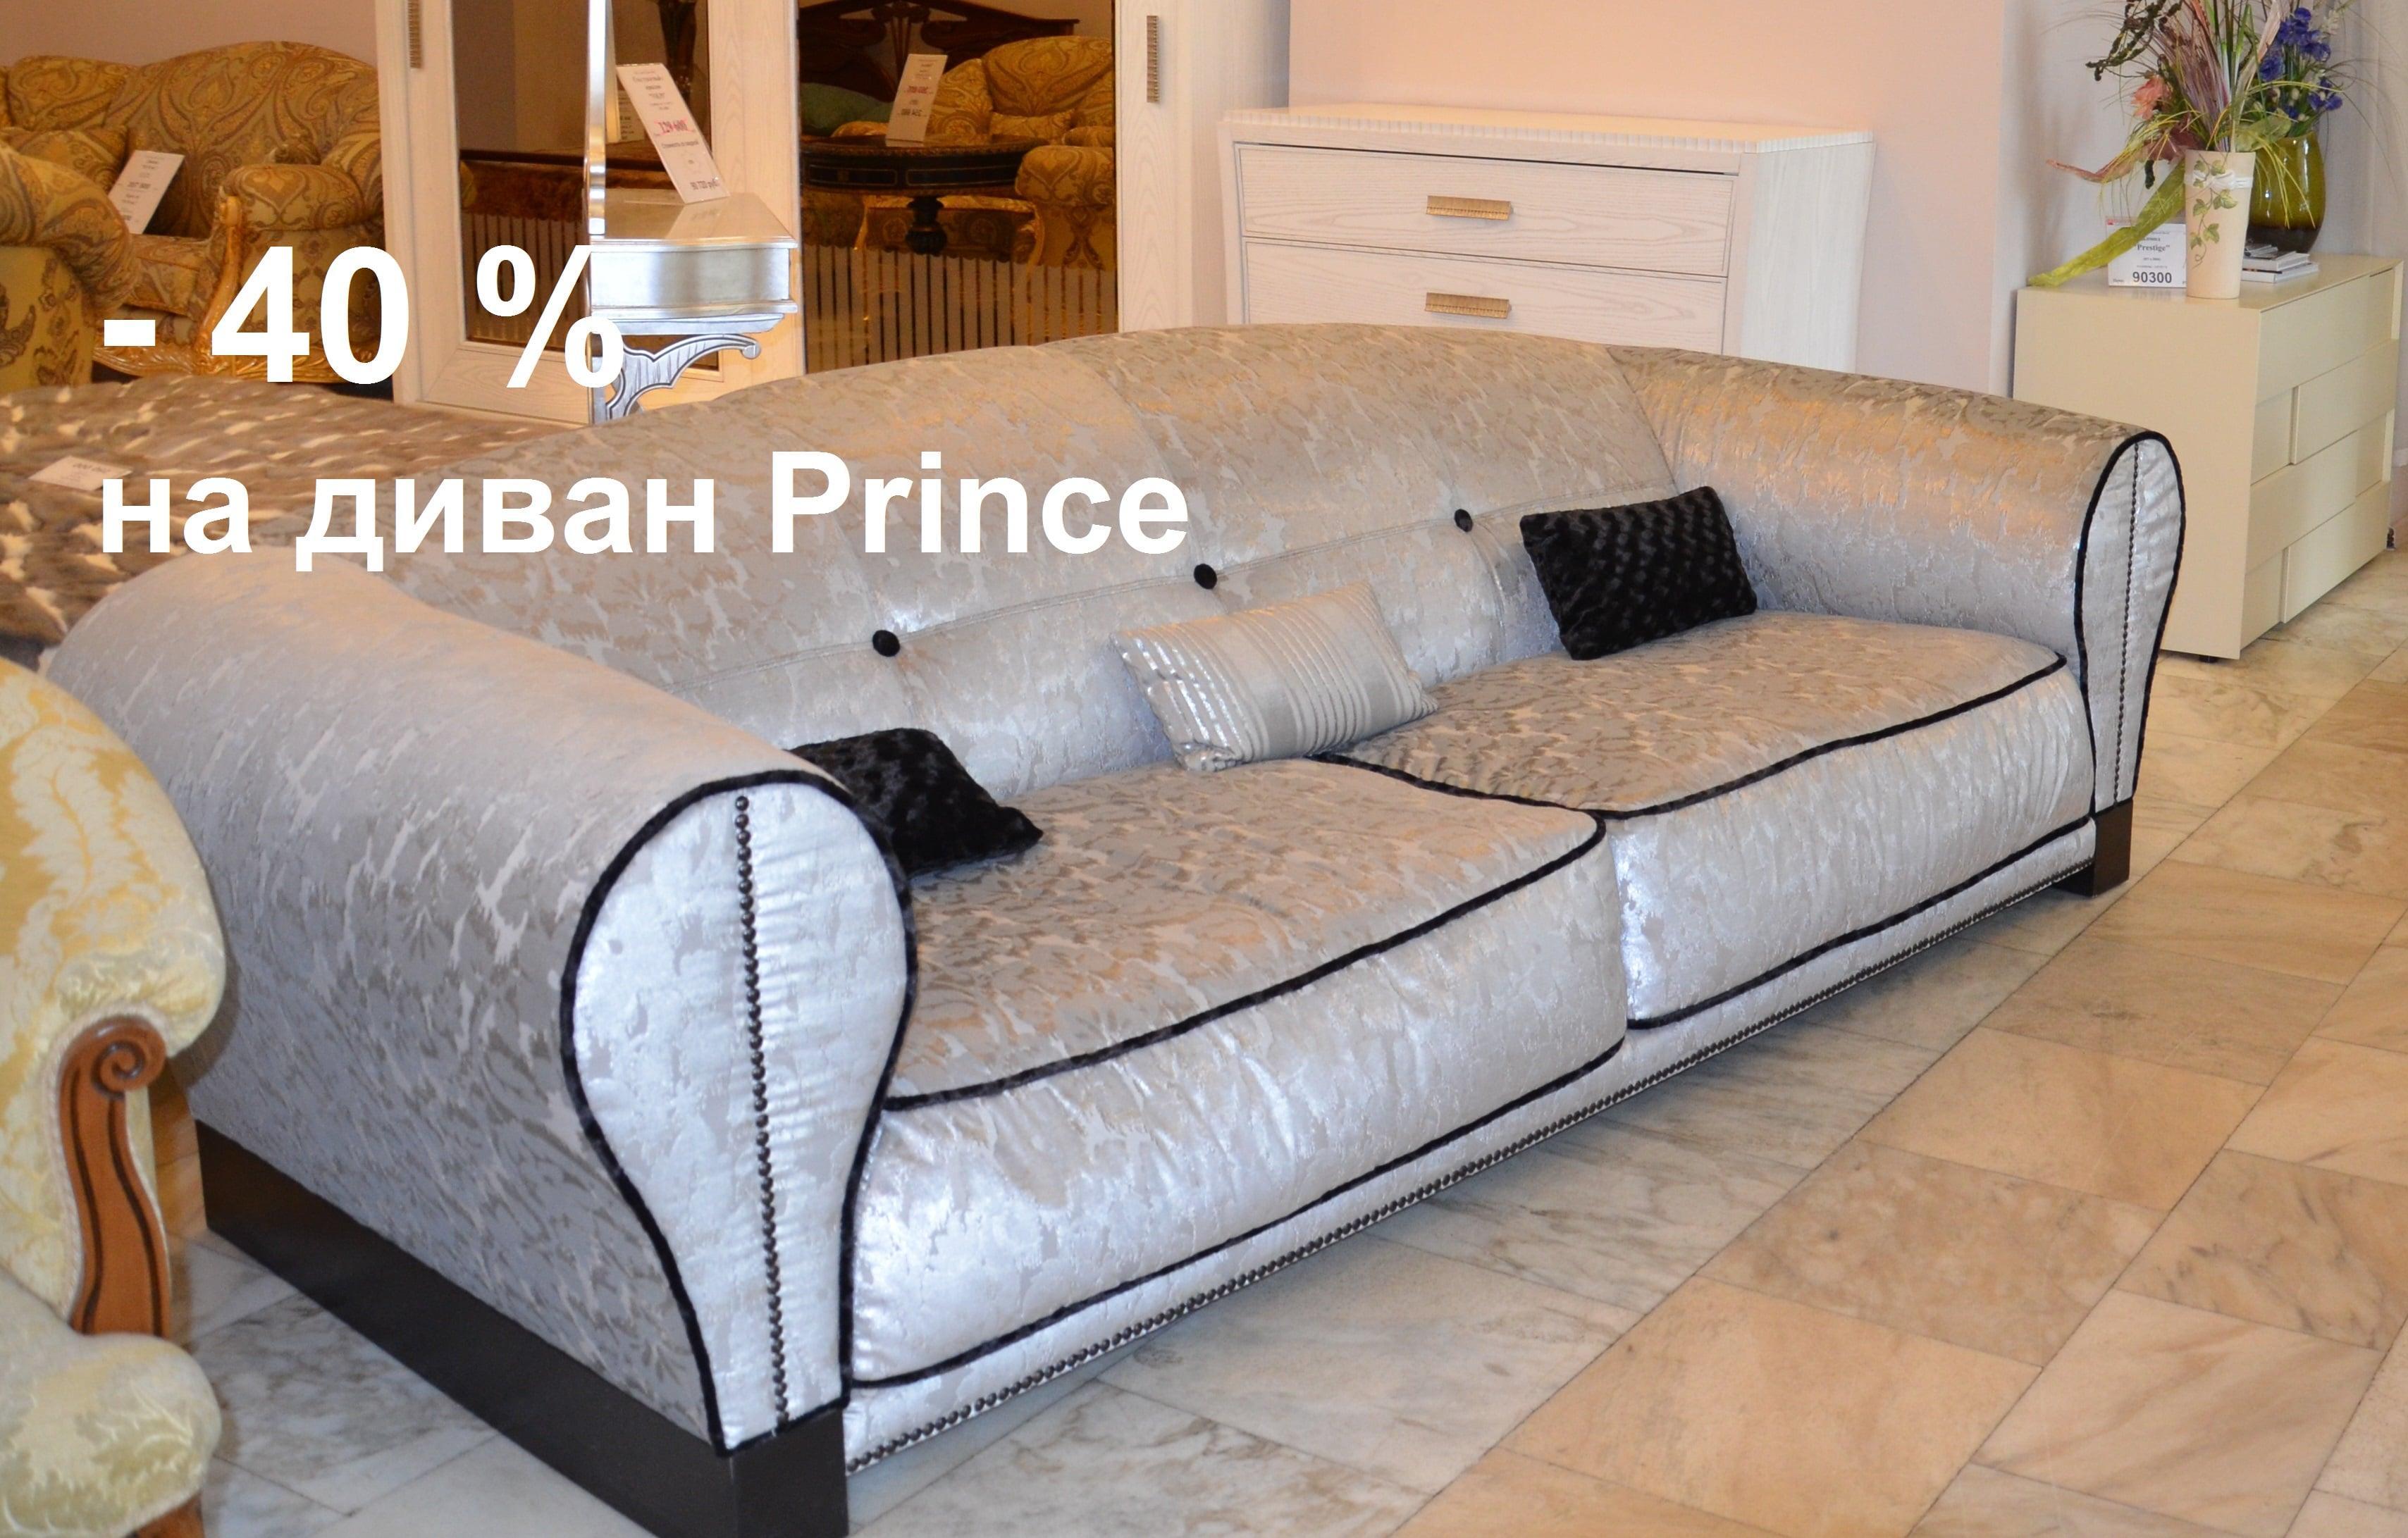 купить итальянскую мебель в москве Dolce Vita салон магазин цены